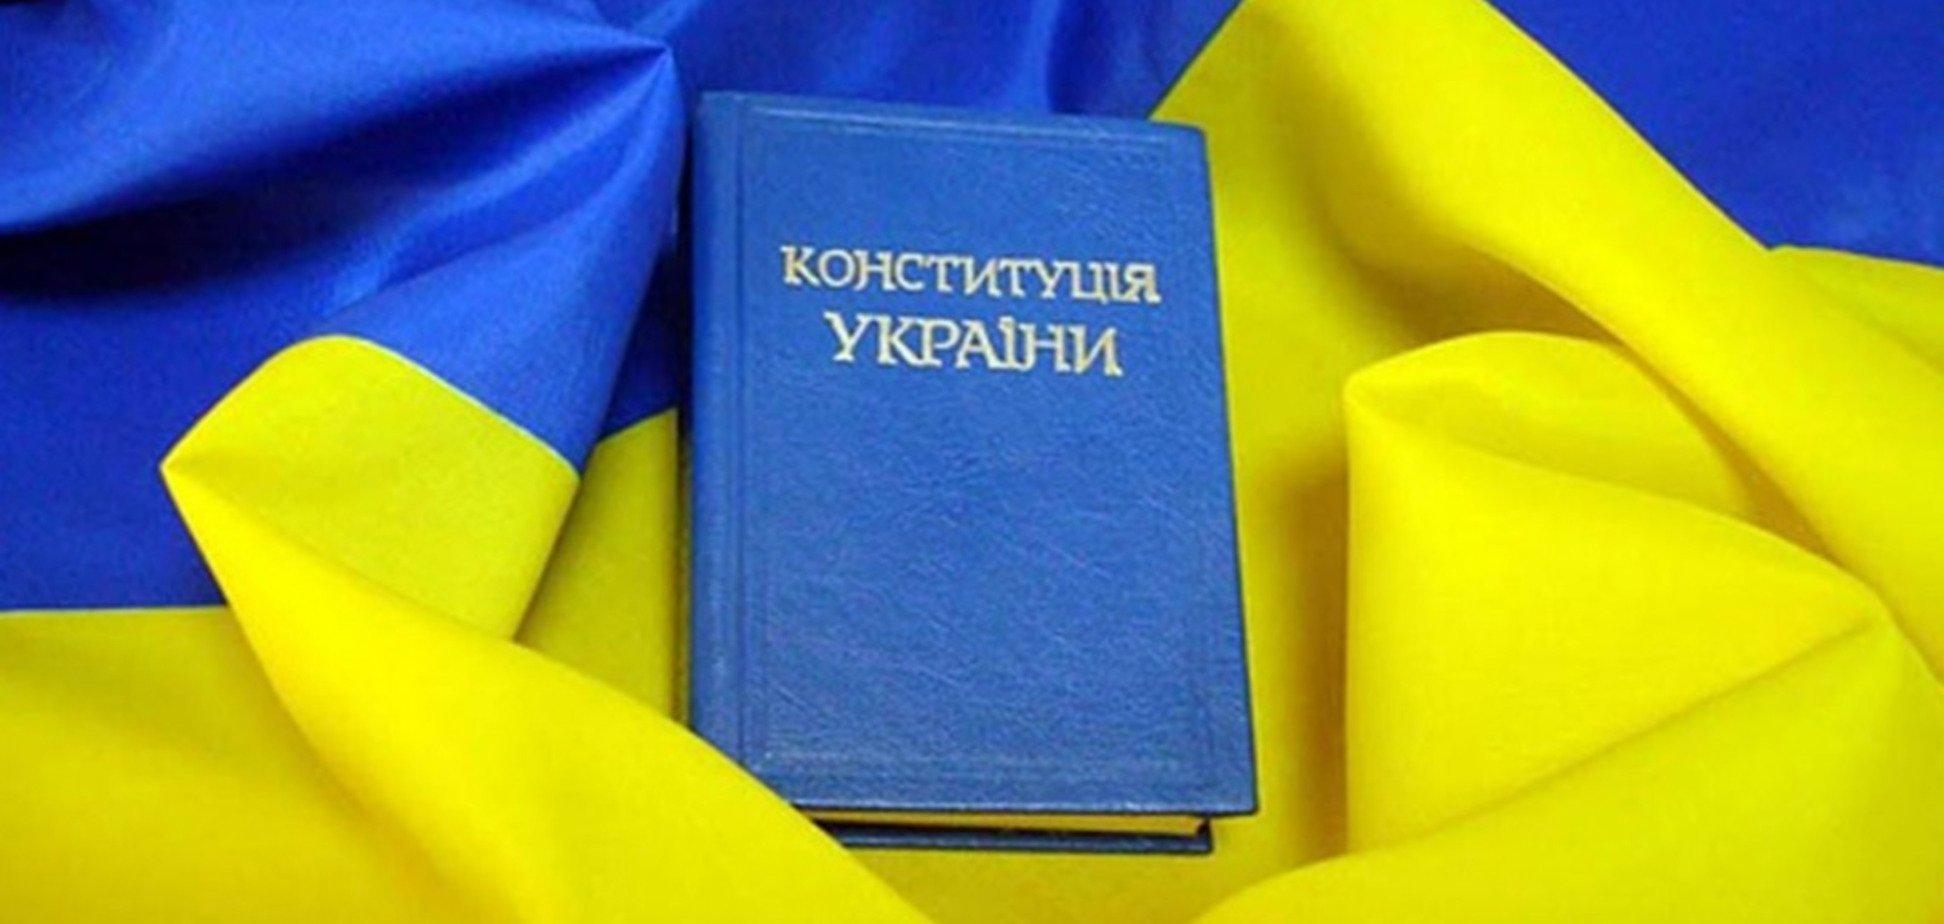 28 июня 1996 года Конституция Украины была принята Верховной Радой